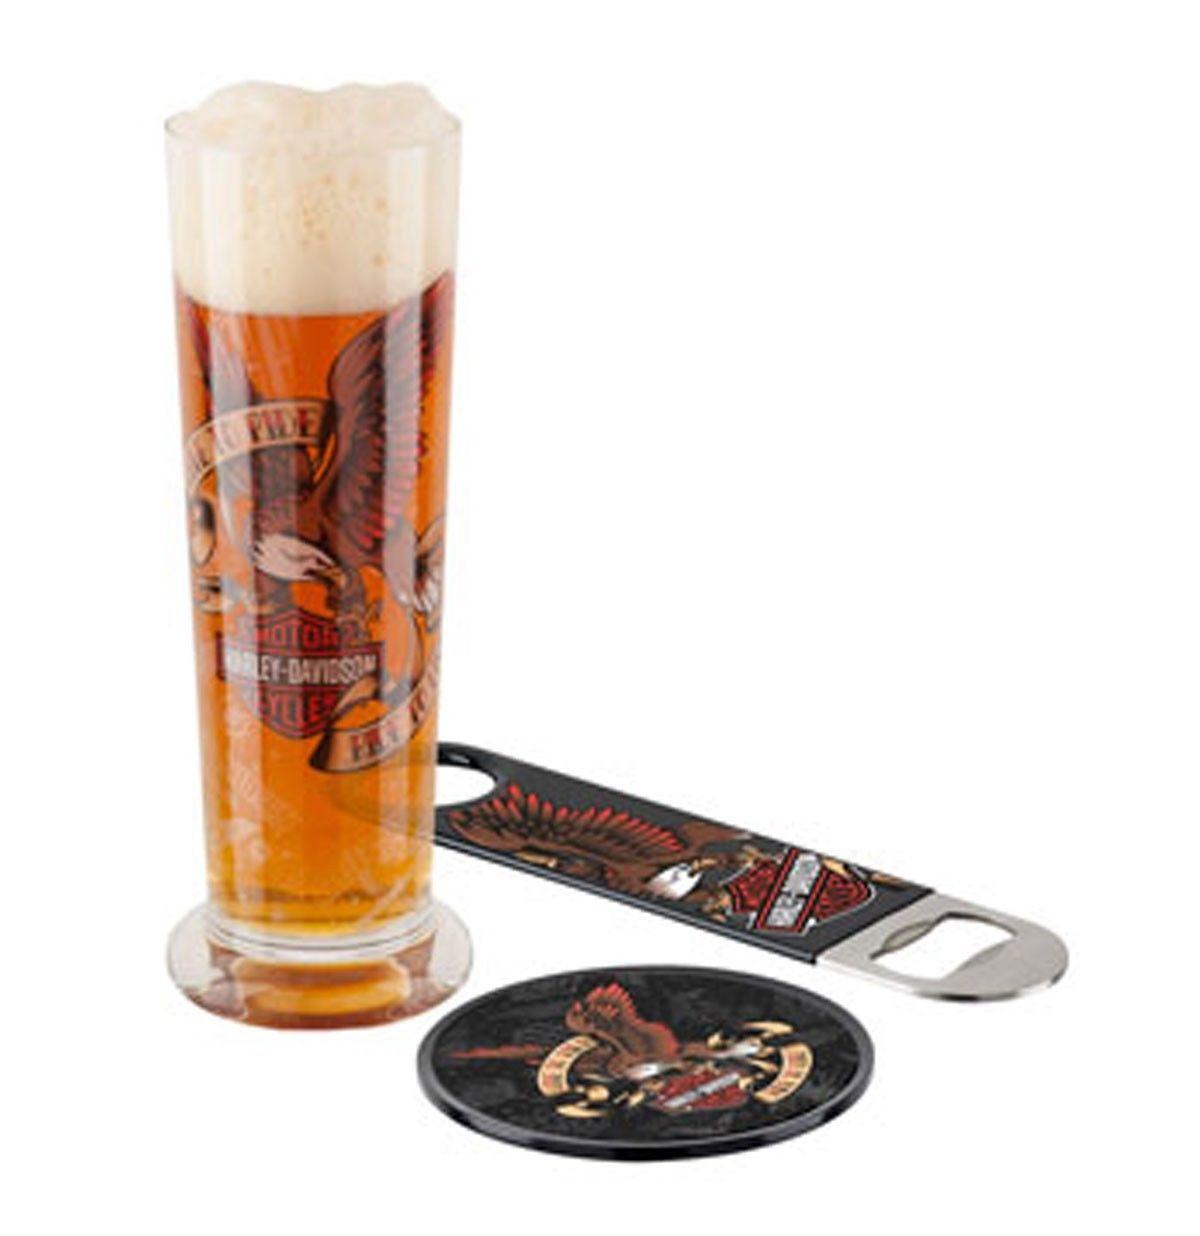 Harley-Davidson LTR-RTL Biker Eagle Pilsner Beer Glass Set HDL-18752